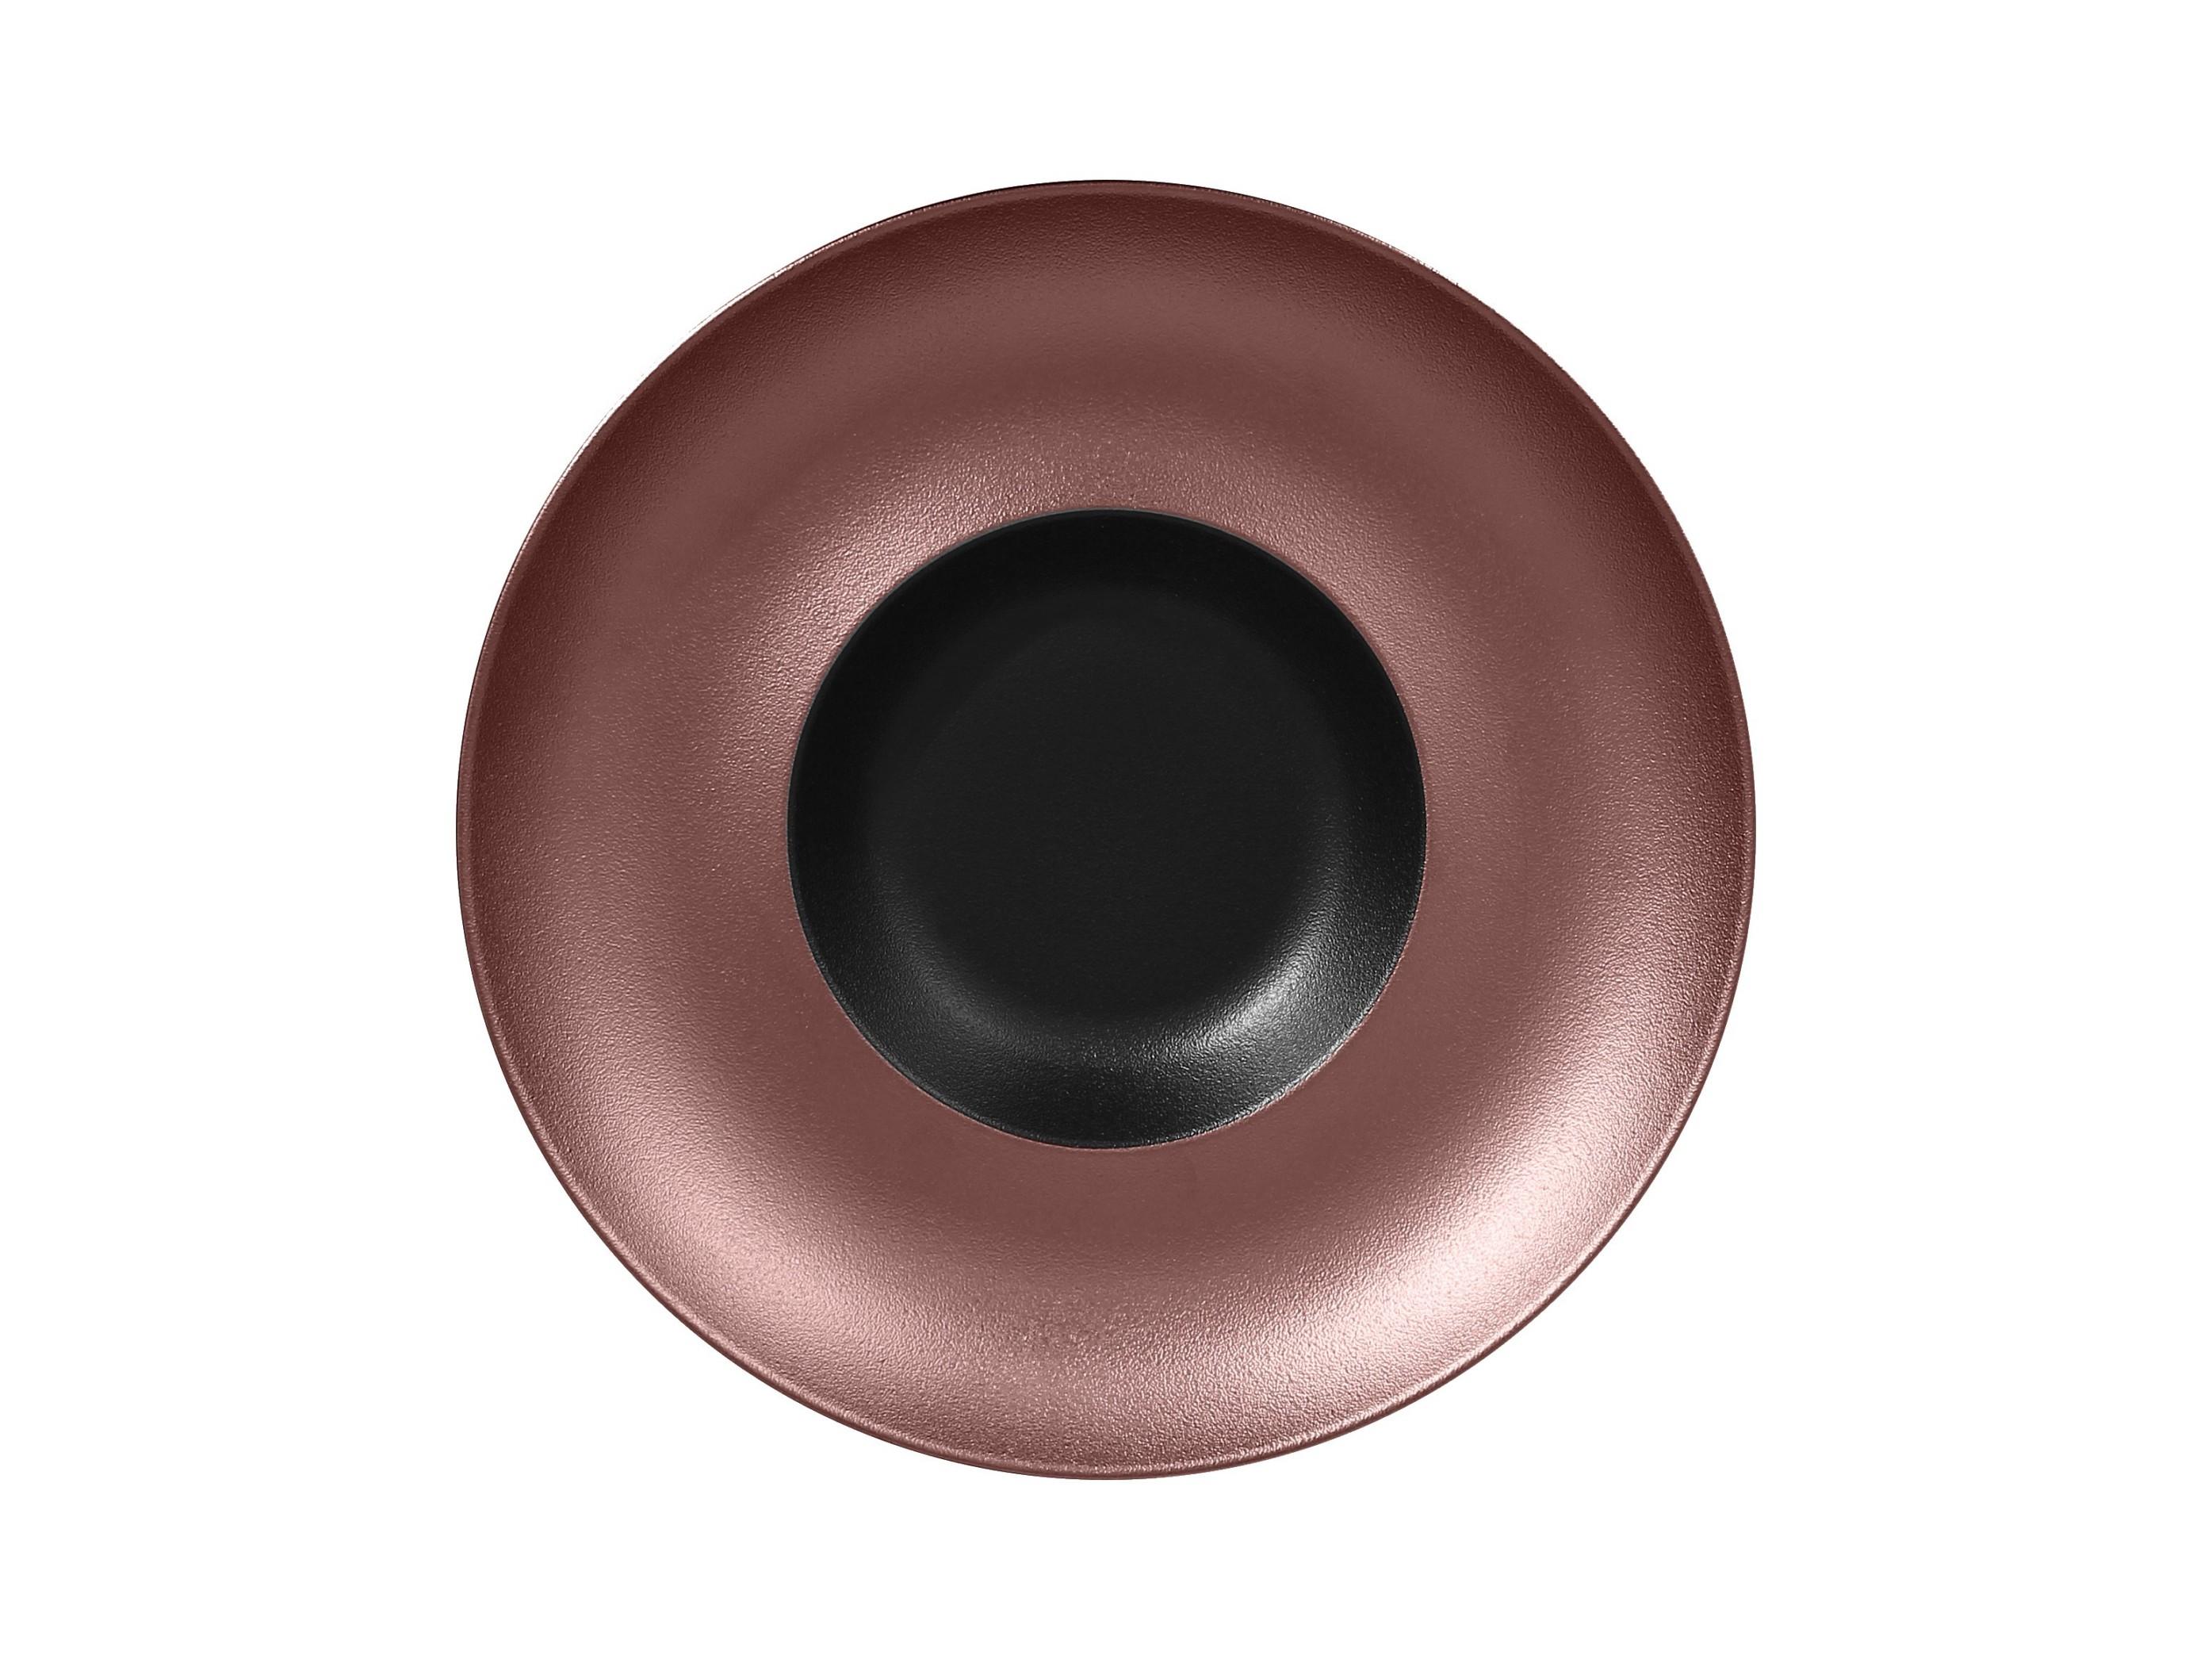 RAK | Metalfusion talíř hluboký Gourmet pr. 29 cm, černo-bronzový